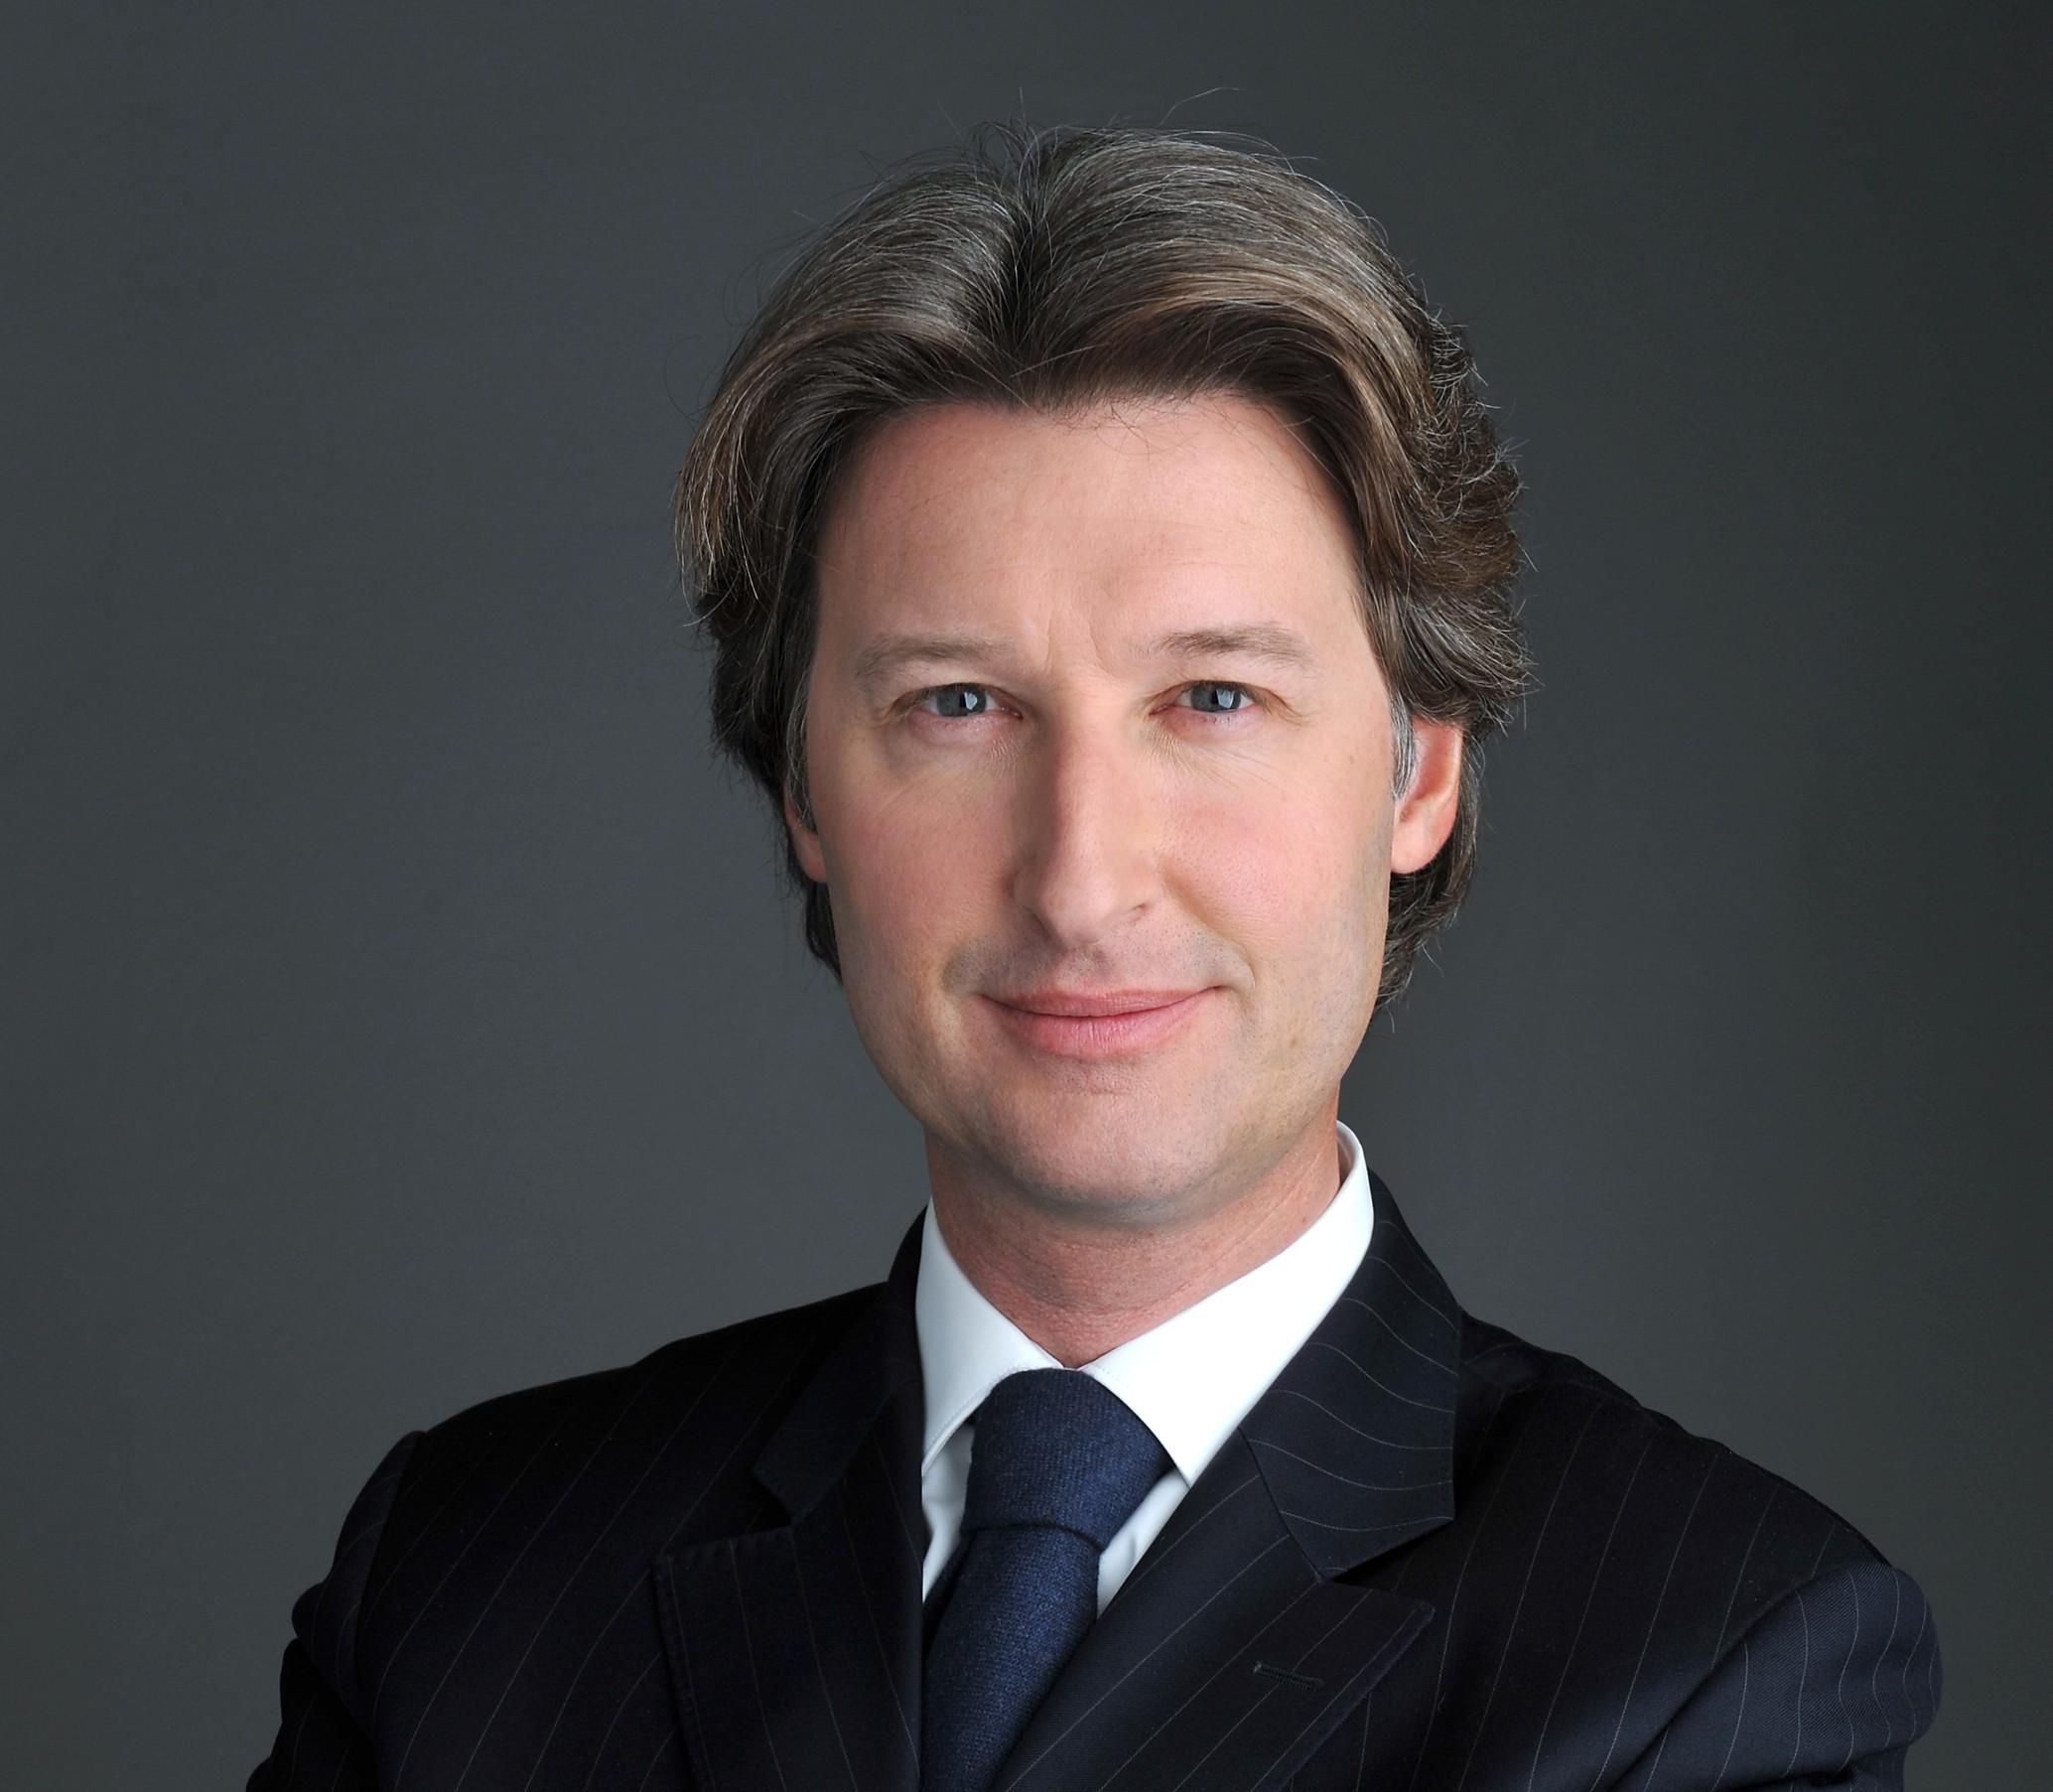 <b>Jean-Charles</b> Decaux, Directeur général de JCDecaux - Jean-Charles-Decaux-2664-signature-obligatoire-%C2%A9Gilles-DACQUIN-e1418999587165